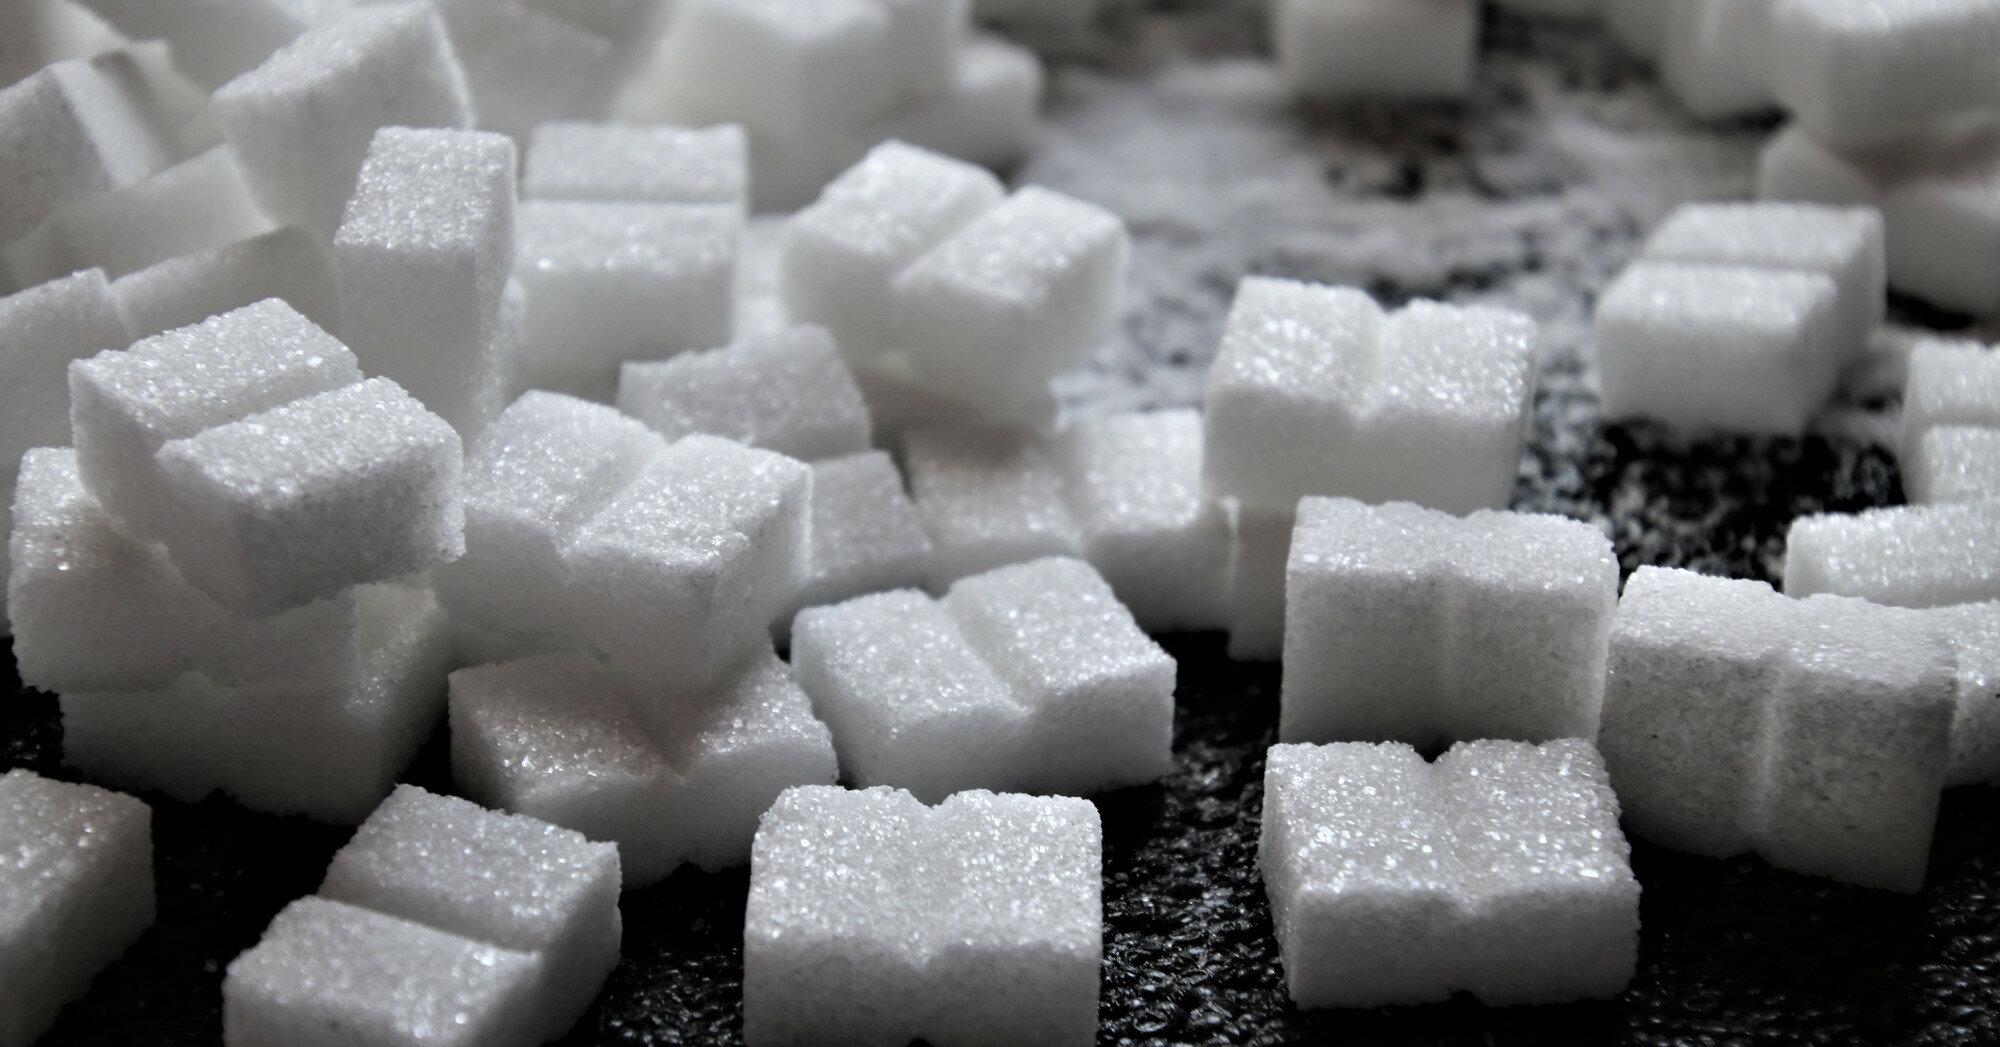 Осенью в Украине изменятся цены на сахар – прогноз